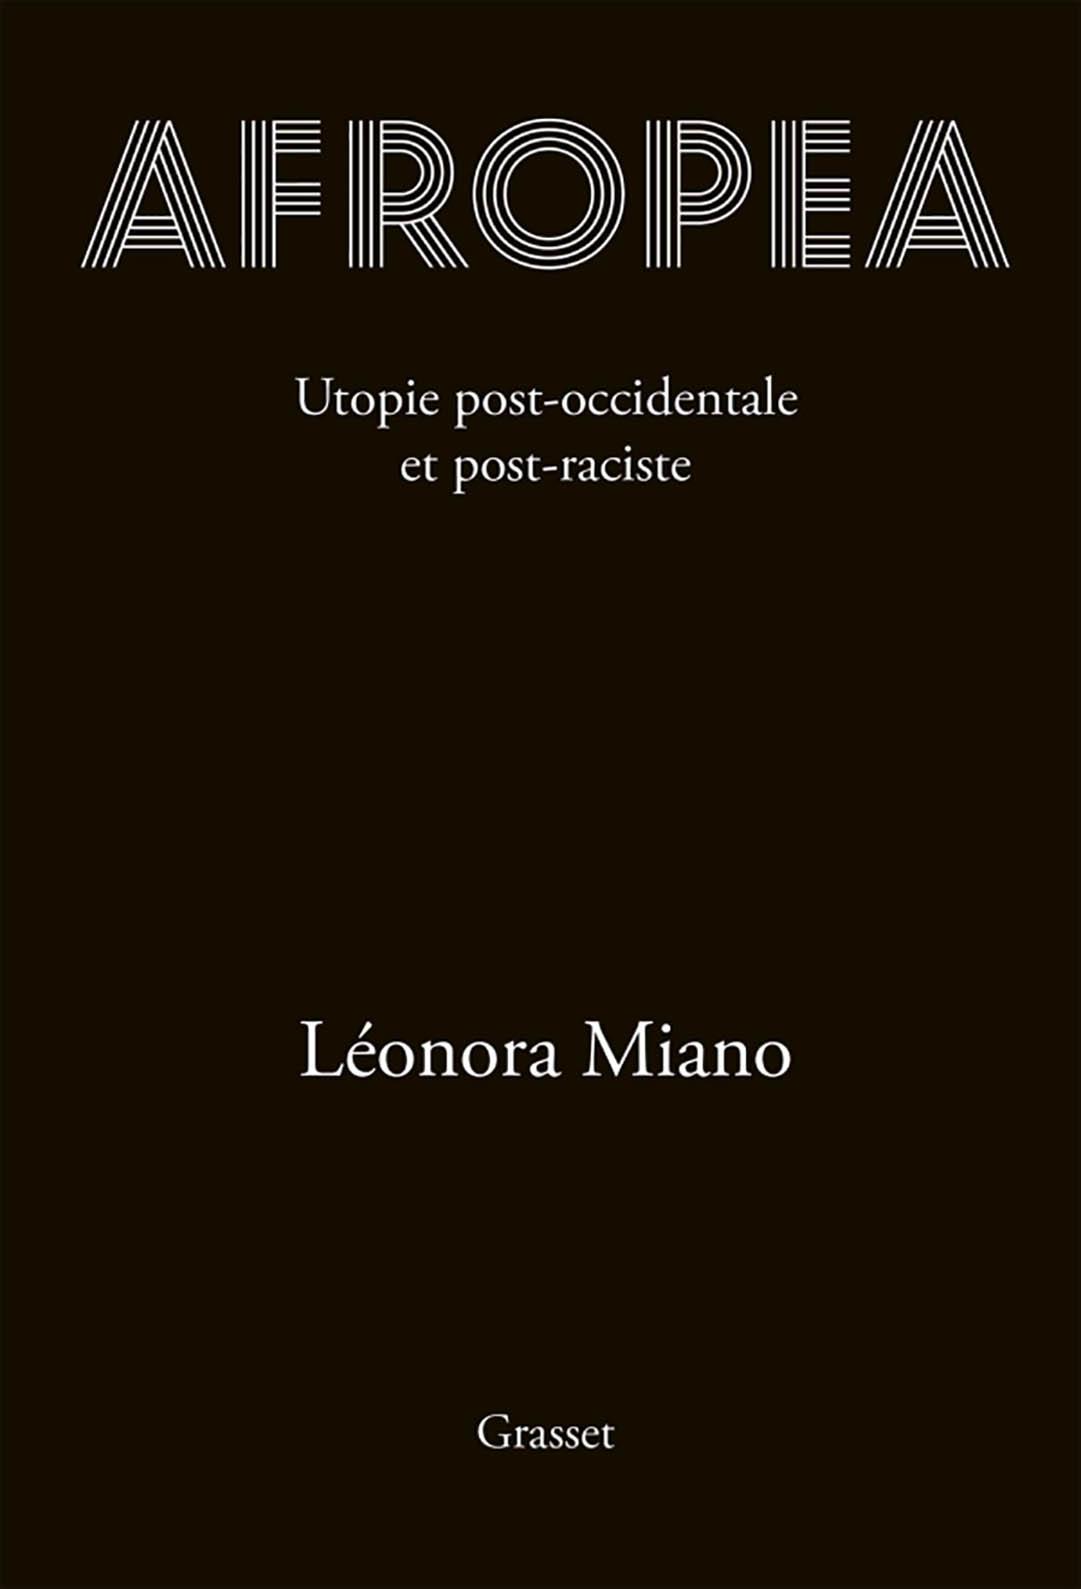 «Afropea», de Léonora Miano, est paru chez Grasset le 30 septembre 2020 (224 pages, 18,50 euros).